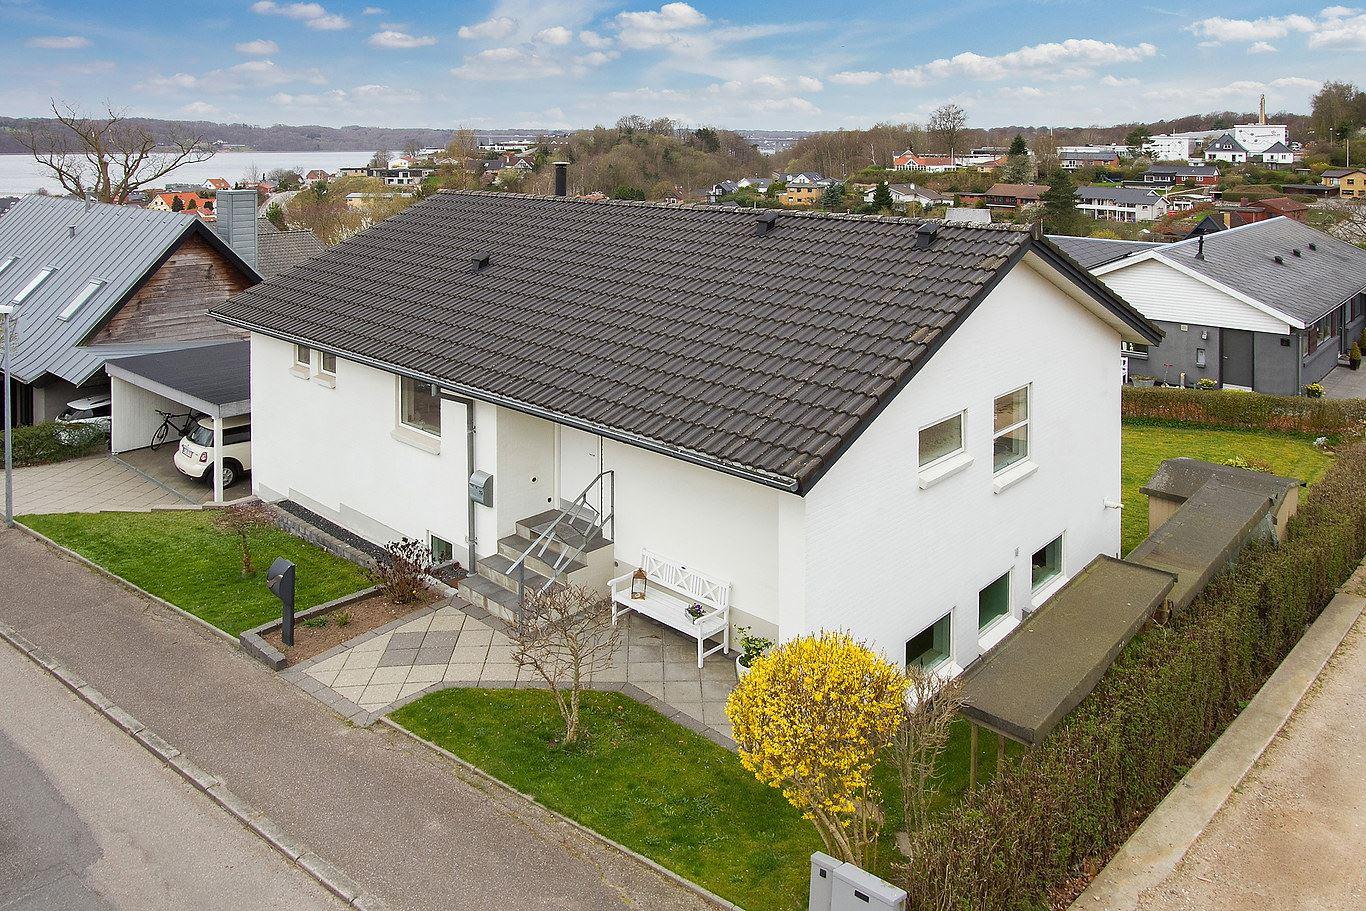 Brønsbjergvej 19, Bredballe, 7120 Vejle Øst